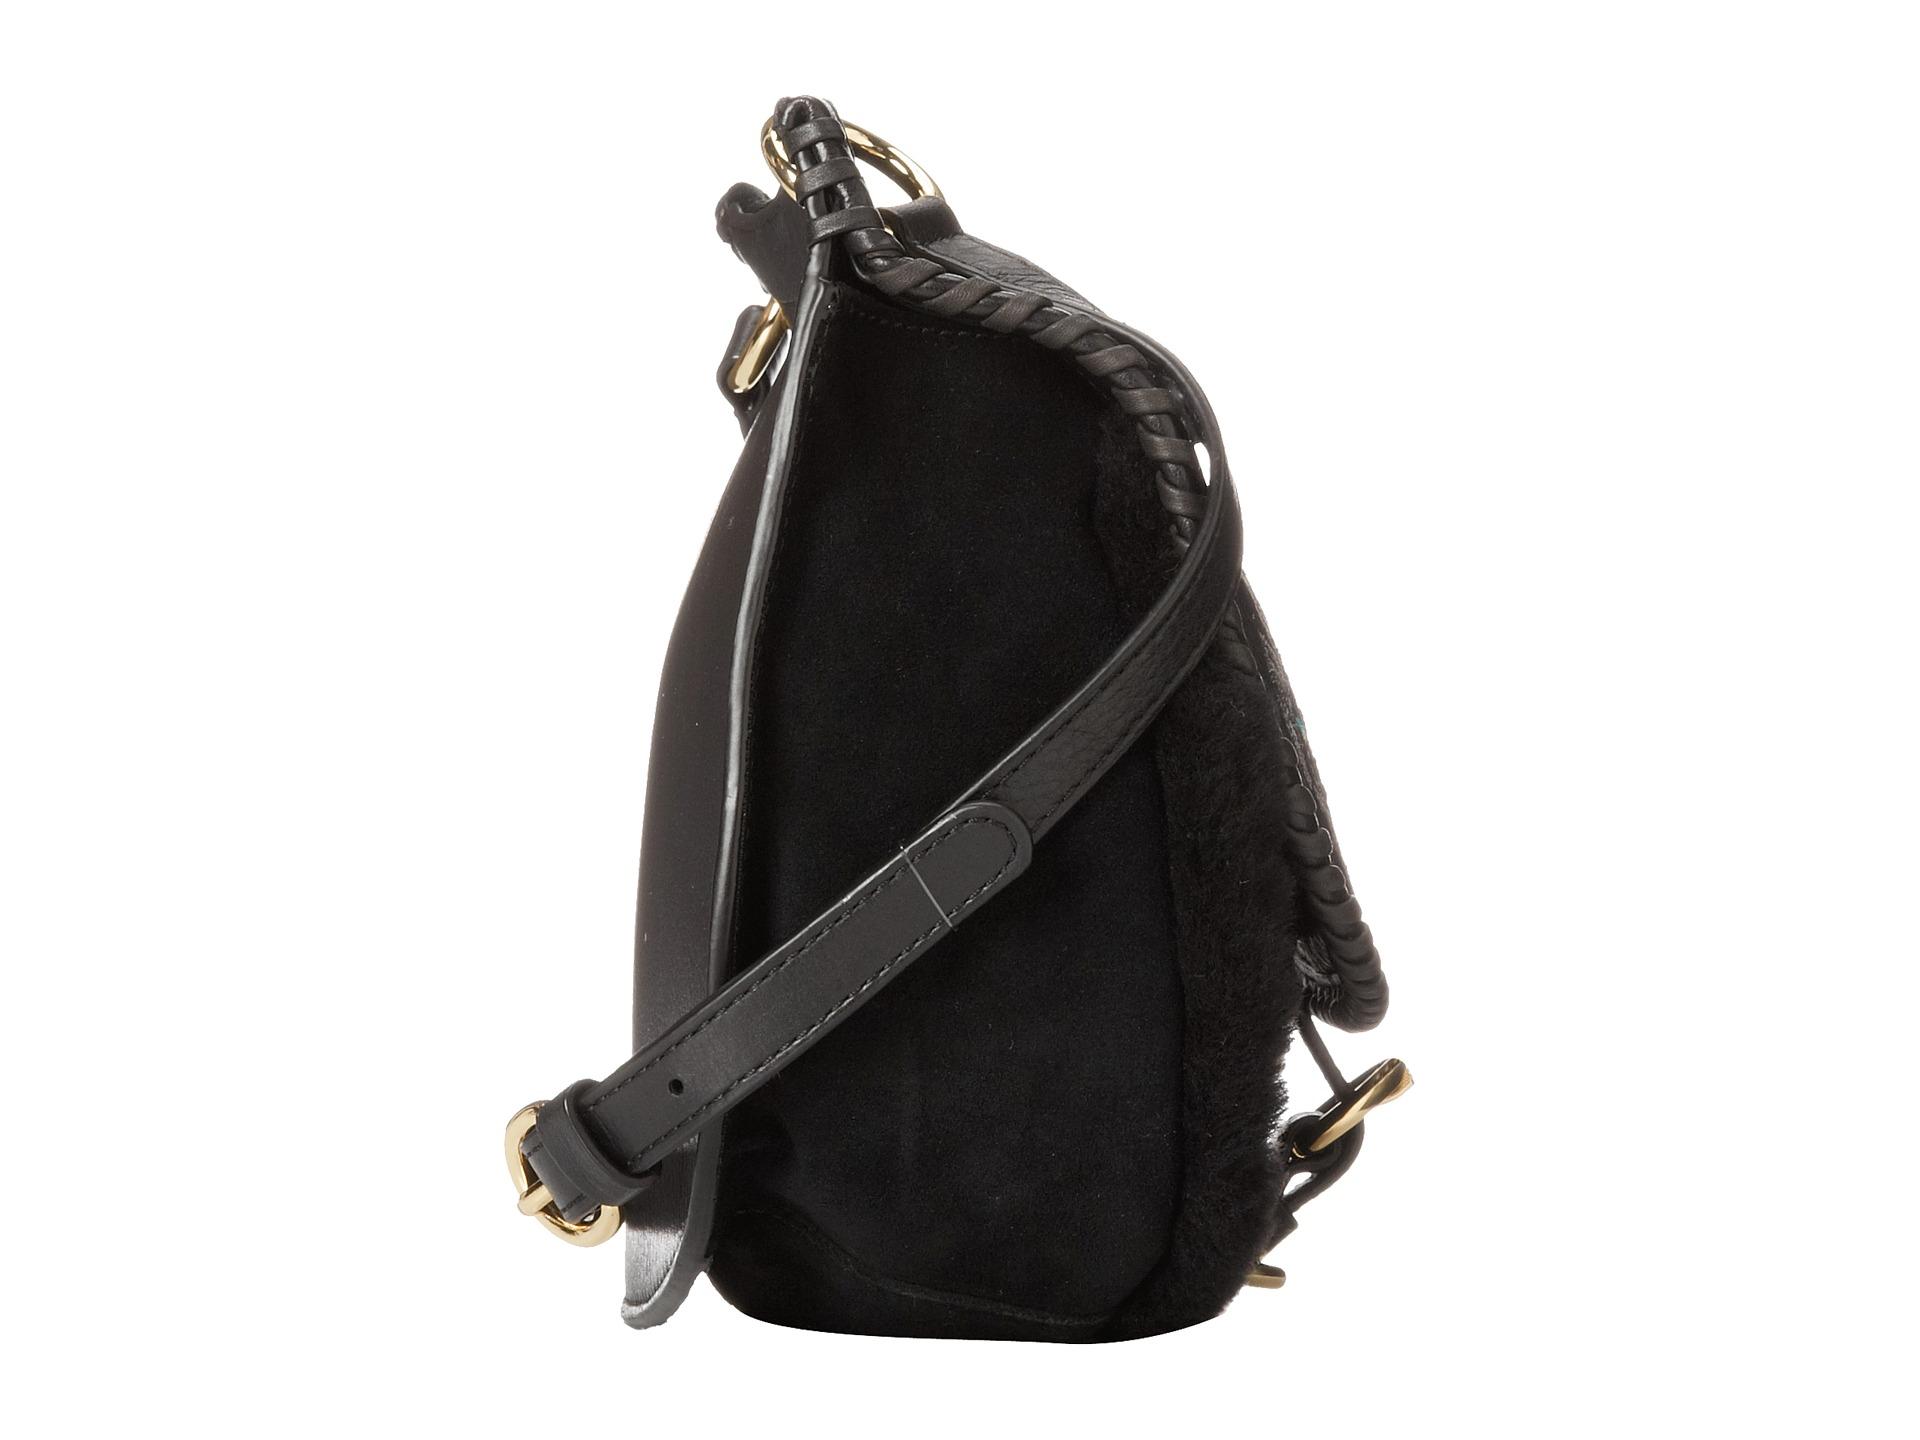 Ugg Juliette Size 9 Black